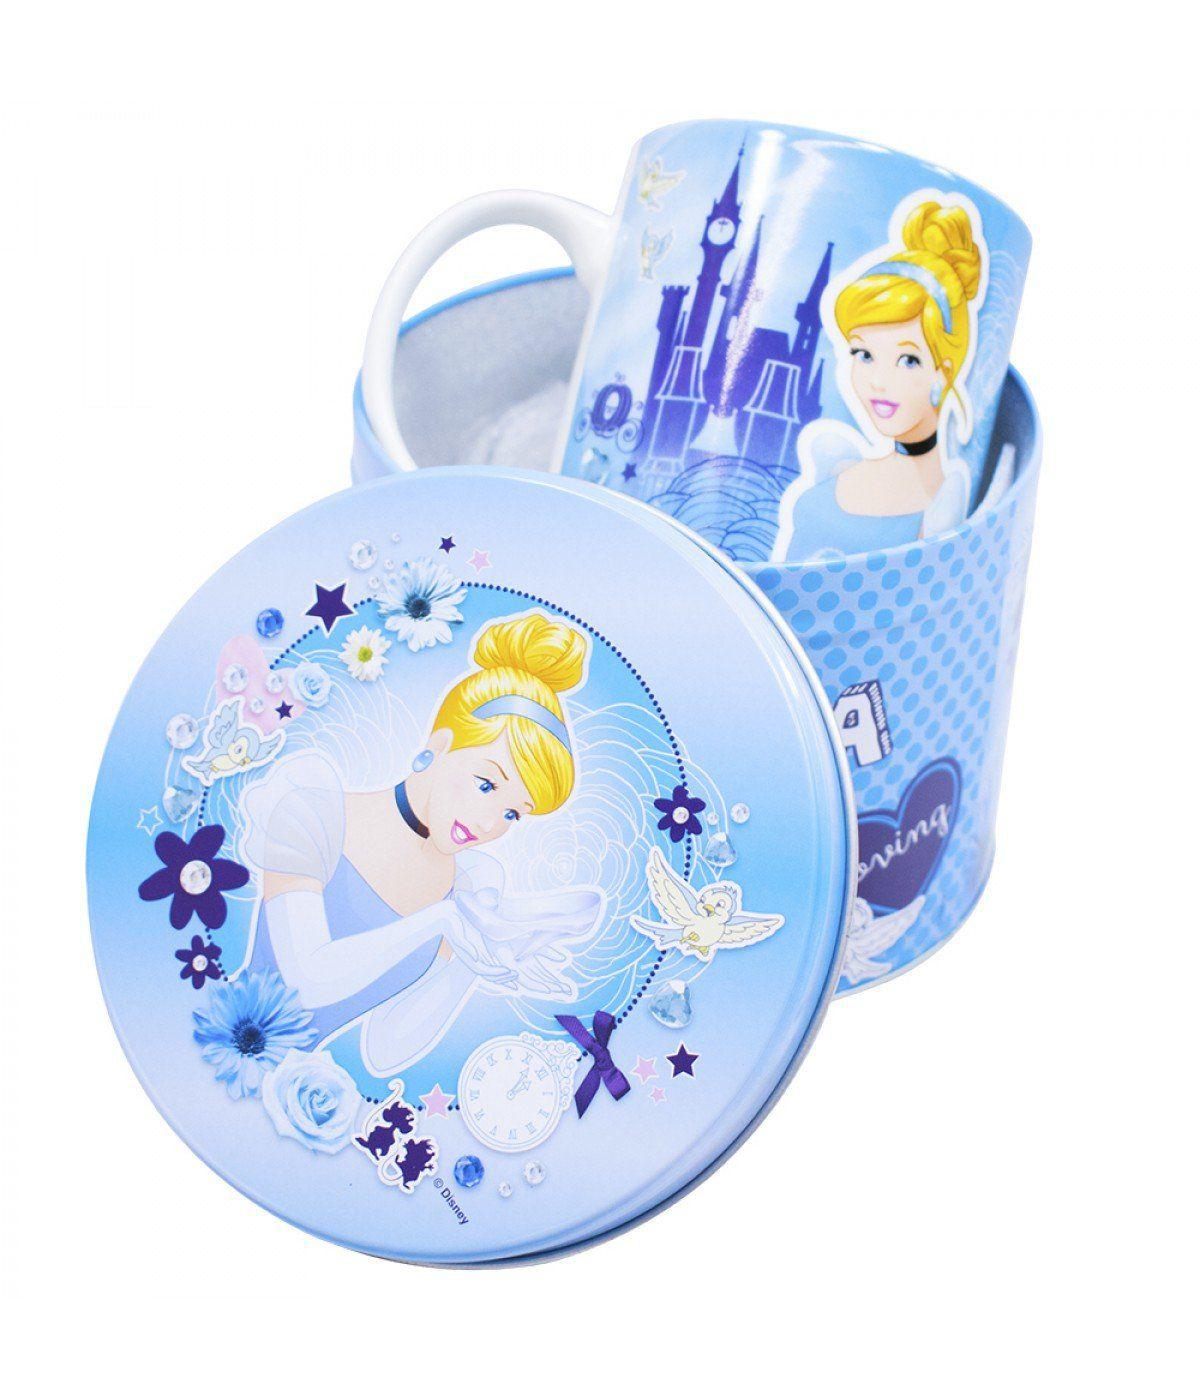 Caneca De Porcelana Na Lata Cinderela: Princesas Disney (350ml)